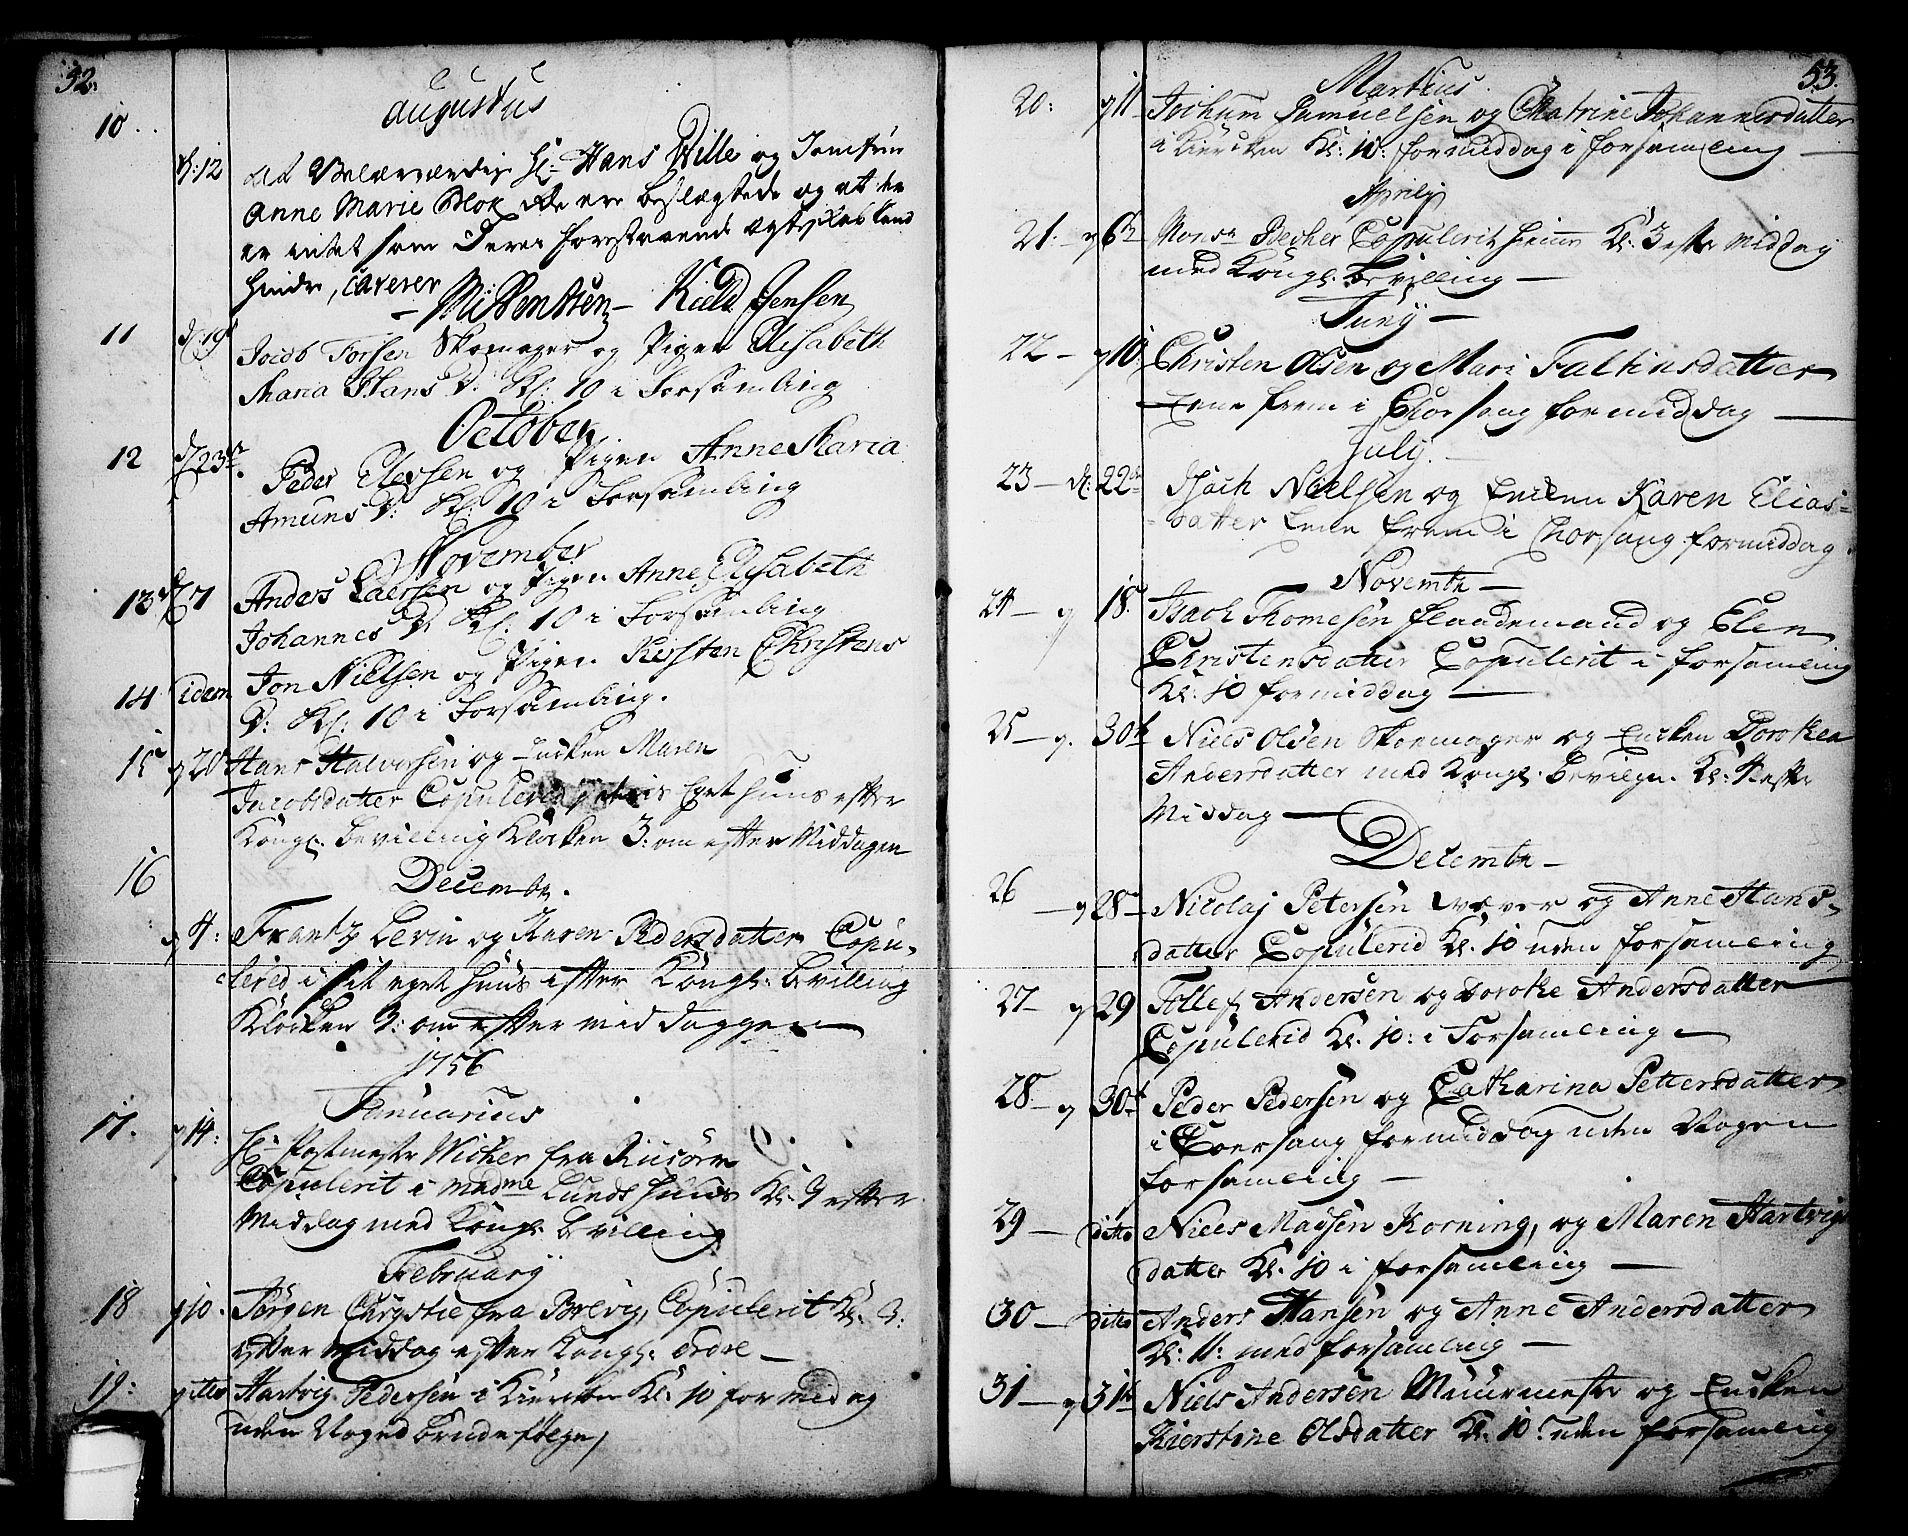 SAKO, Skien kirkebøker, F/Fa/L0003: Ministerialbok nr. 3, 1755-1791, s. 52-53